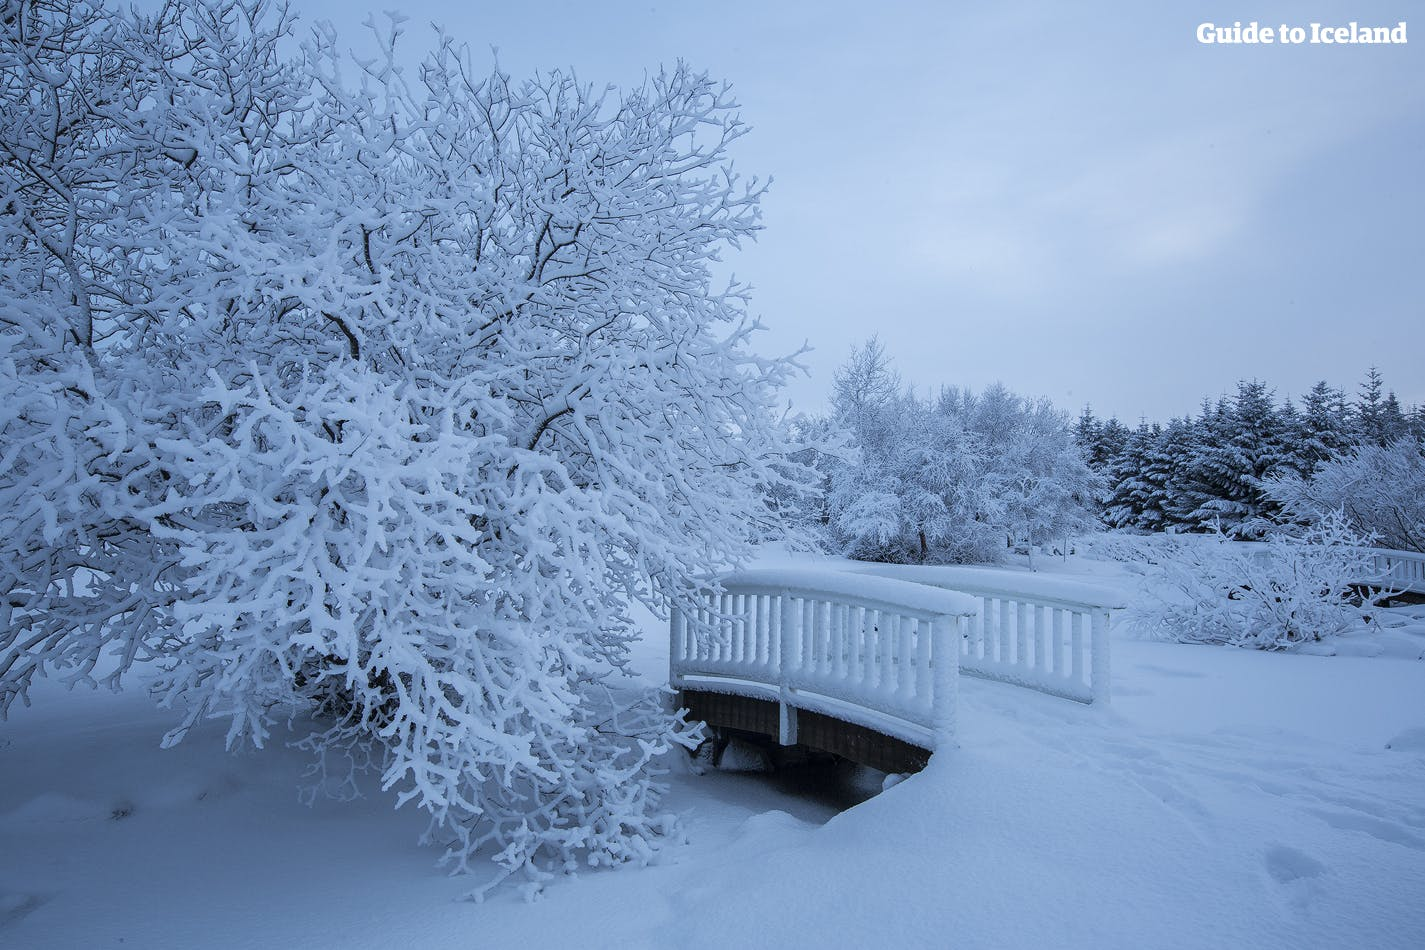 冬季银装素裹的冰岛首都雷克雅未克